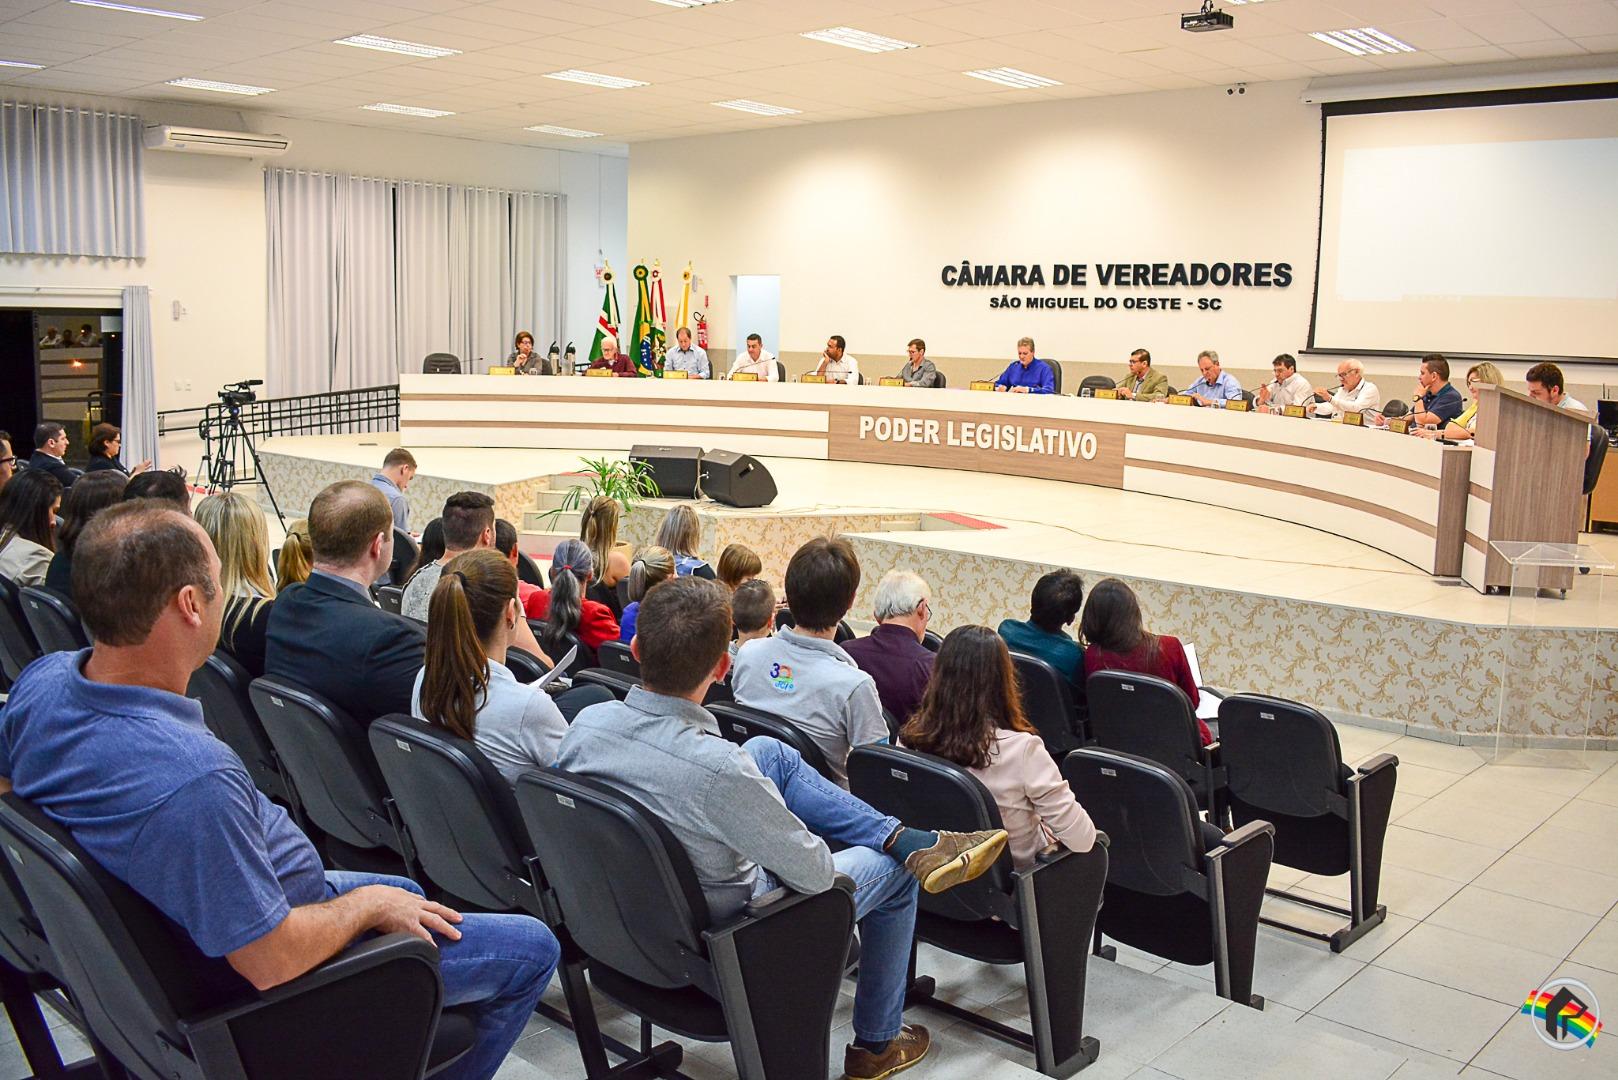 Câmara presta homenagem aos 30 anos da JCI